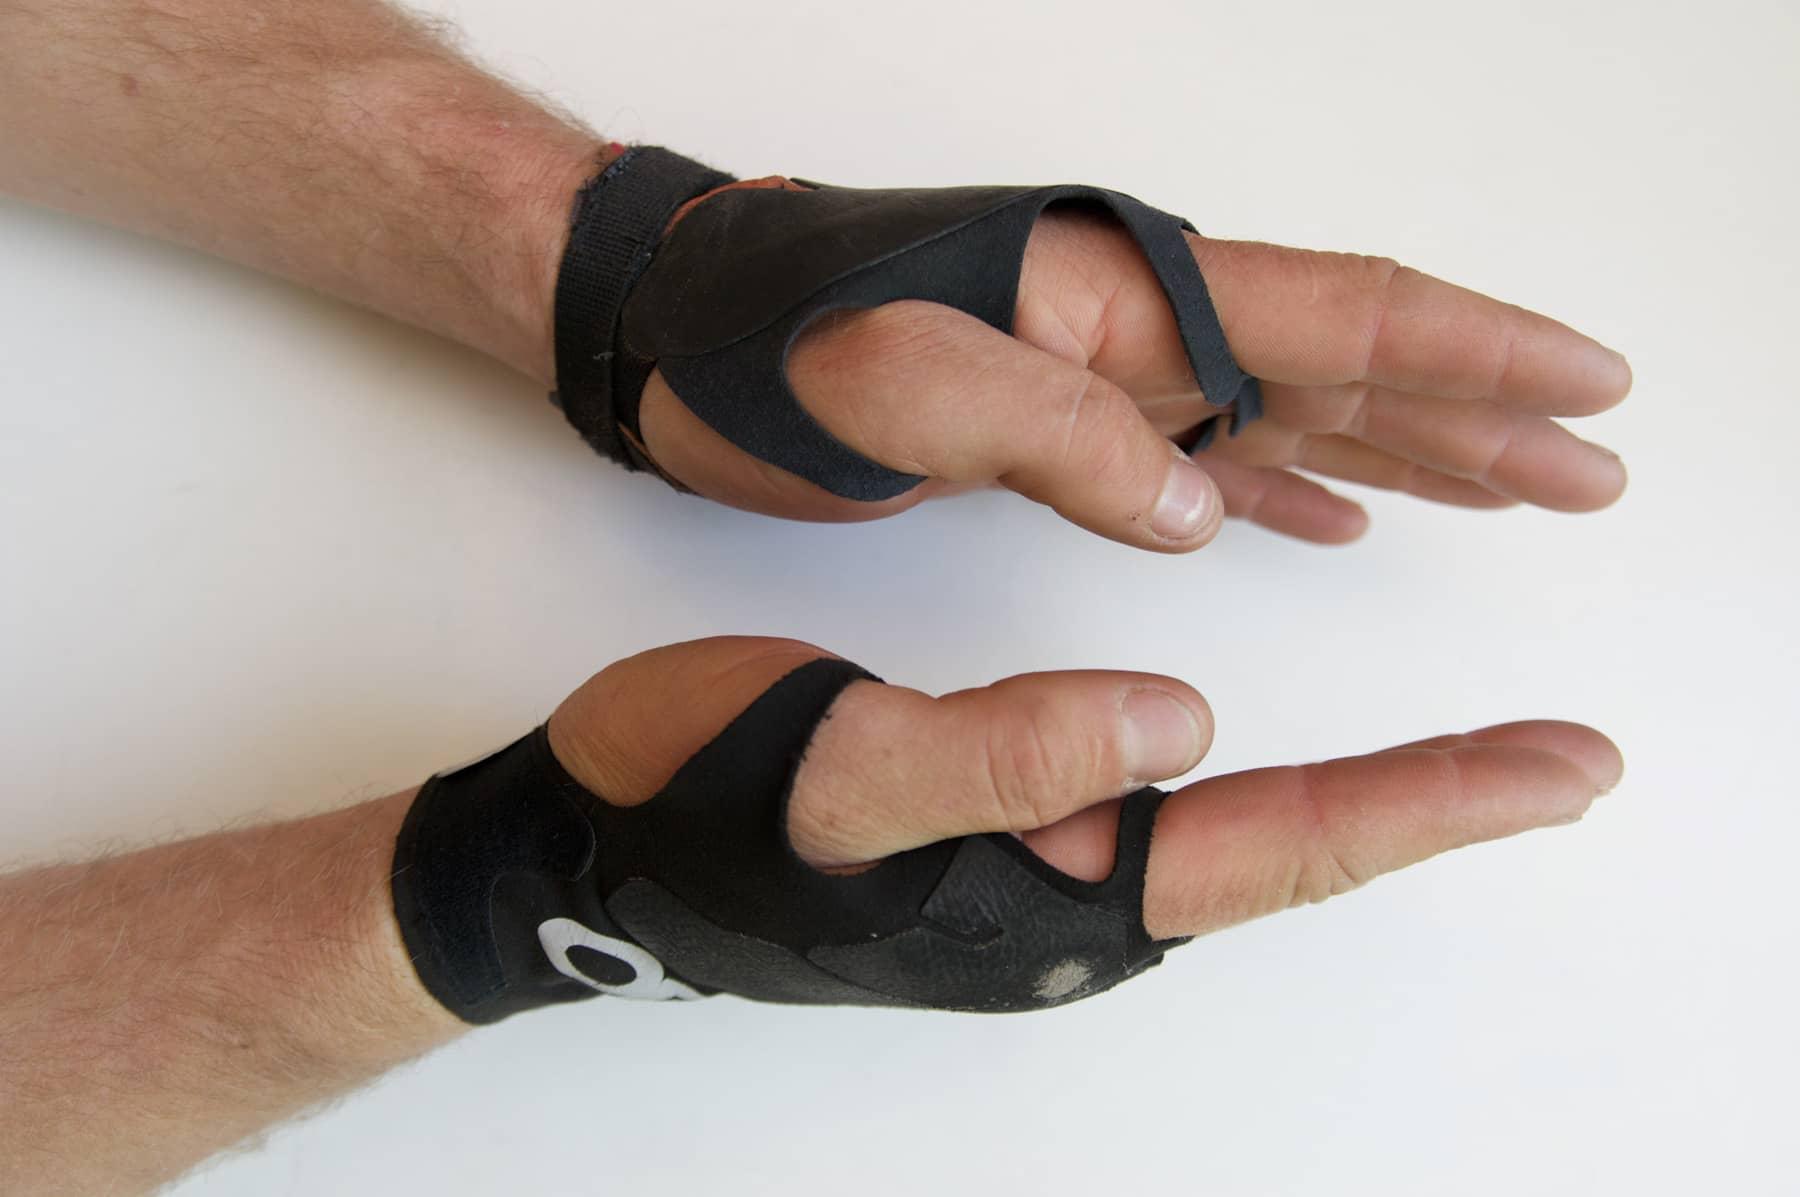 ocun crack gloves xl